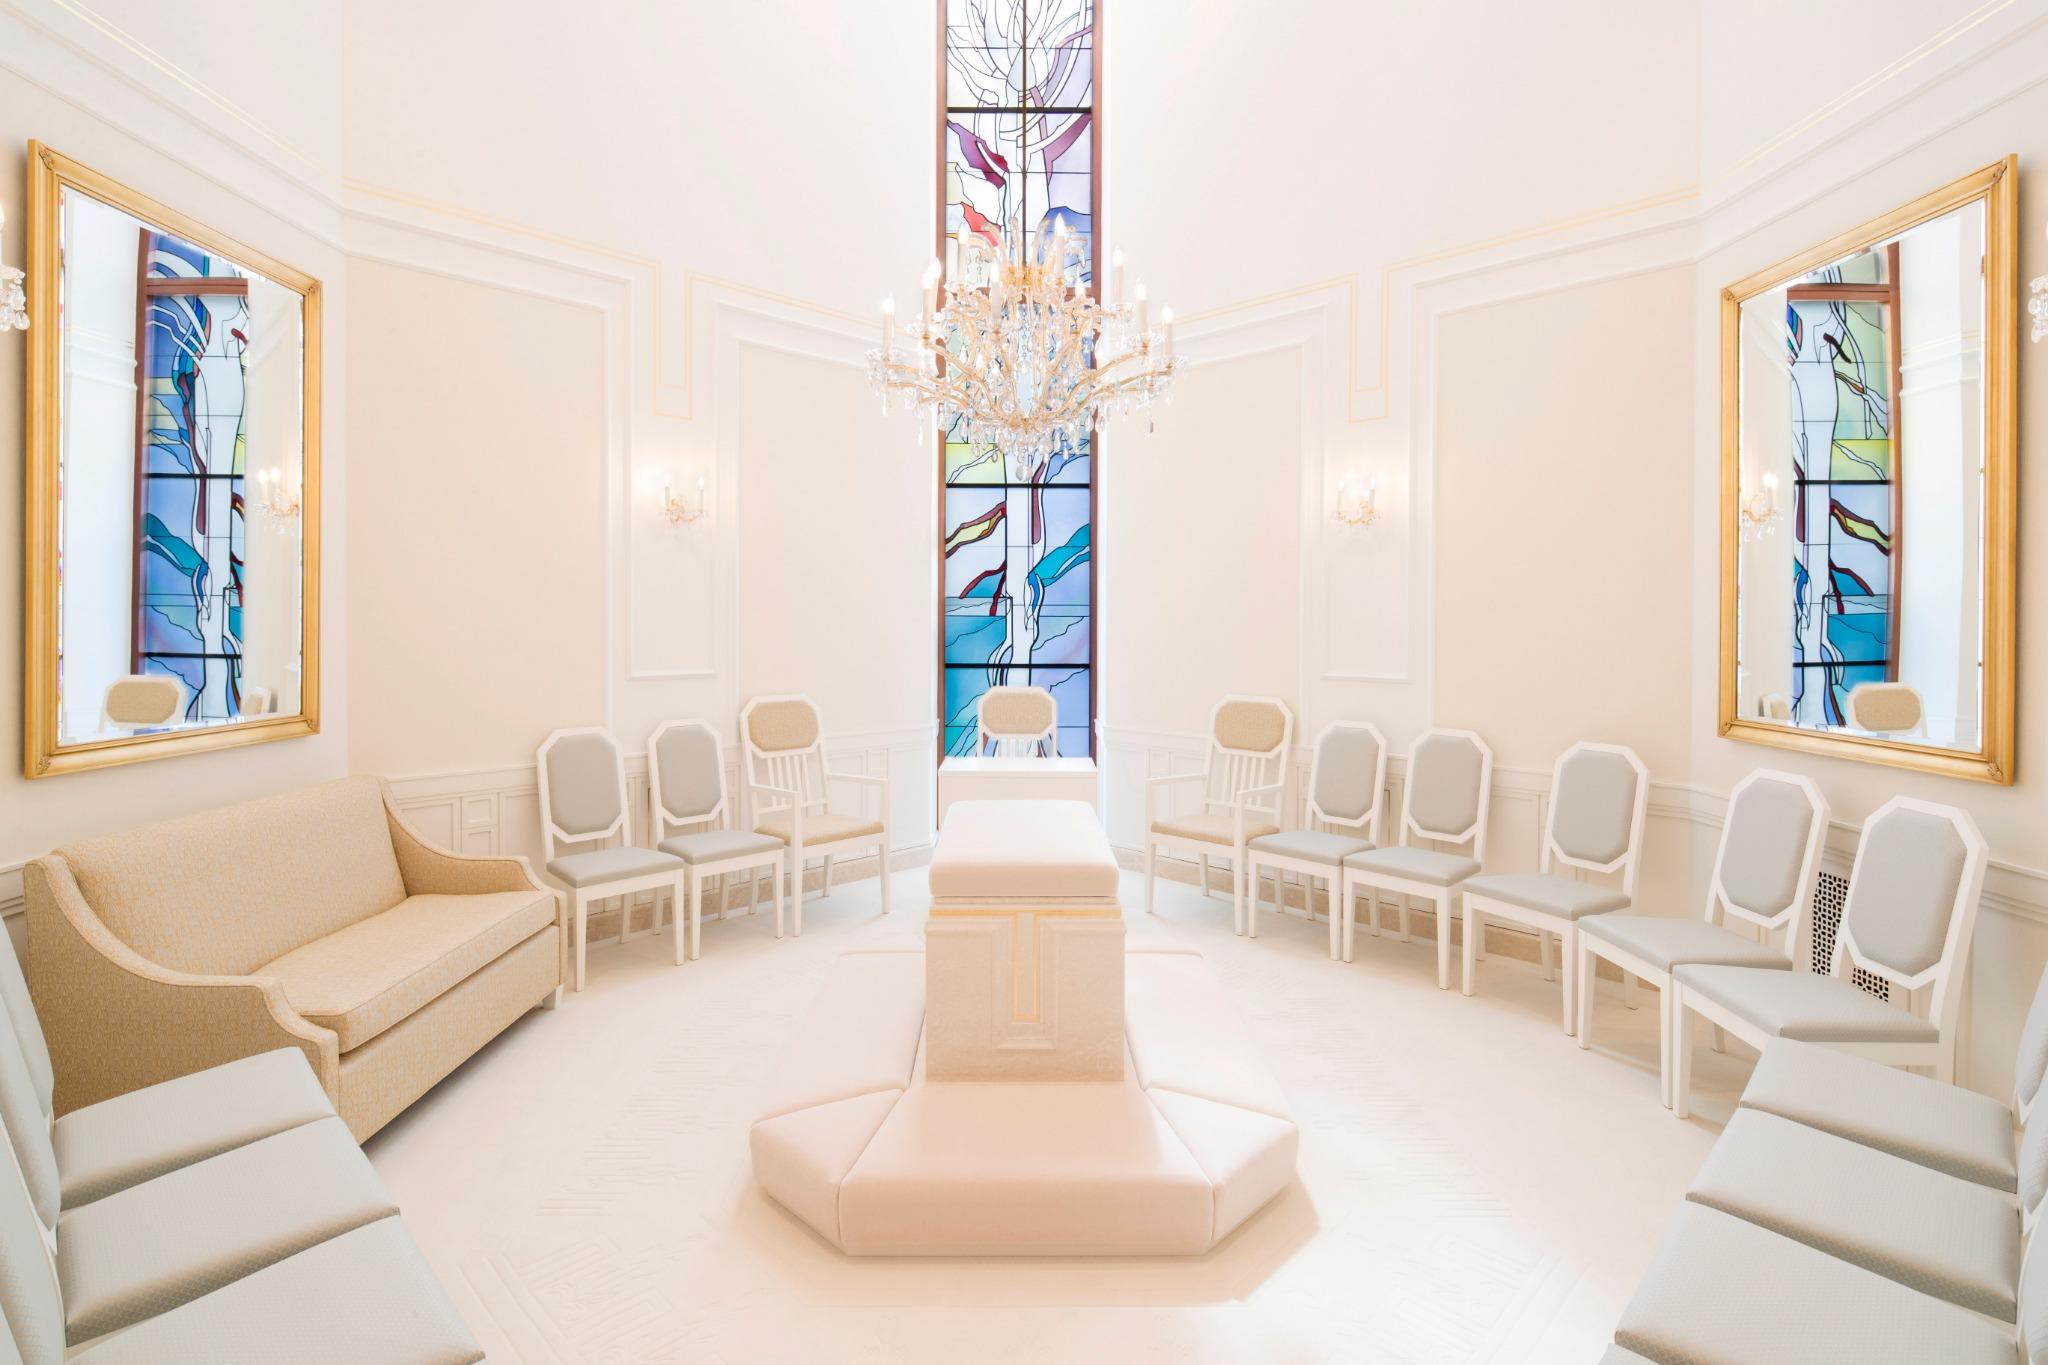 Una sala de sellamientos en el Templo de Frankfurt Alemania.